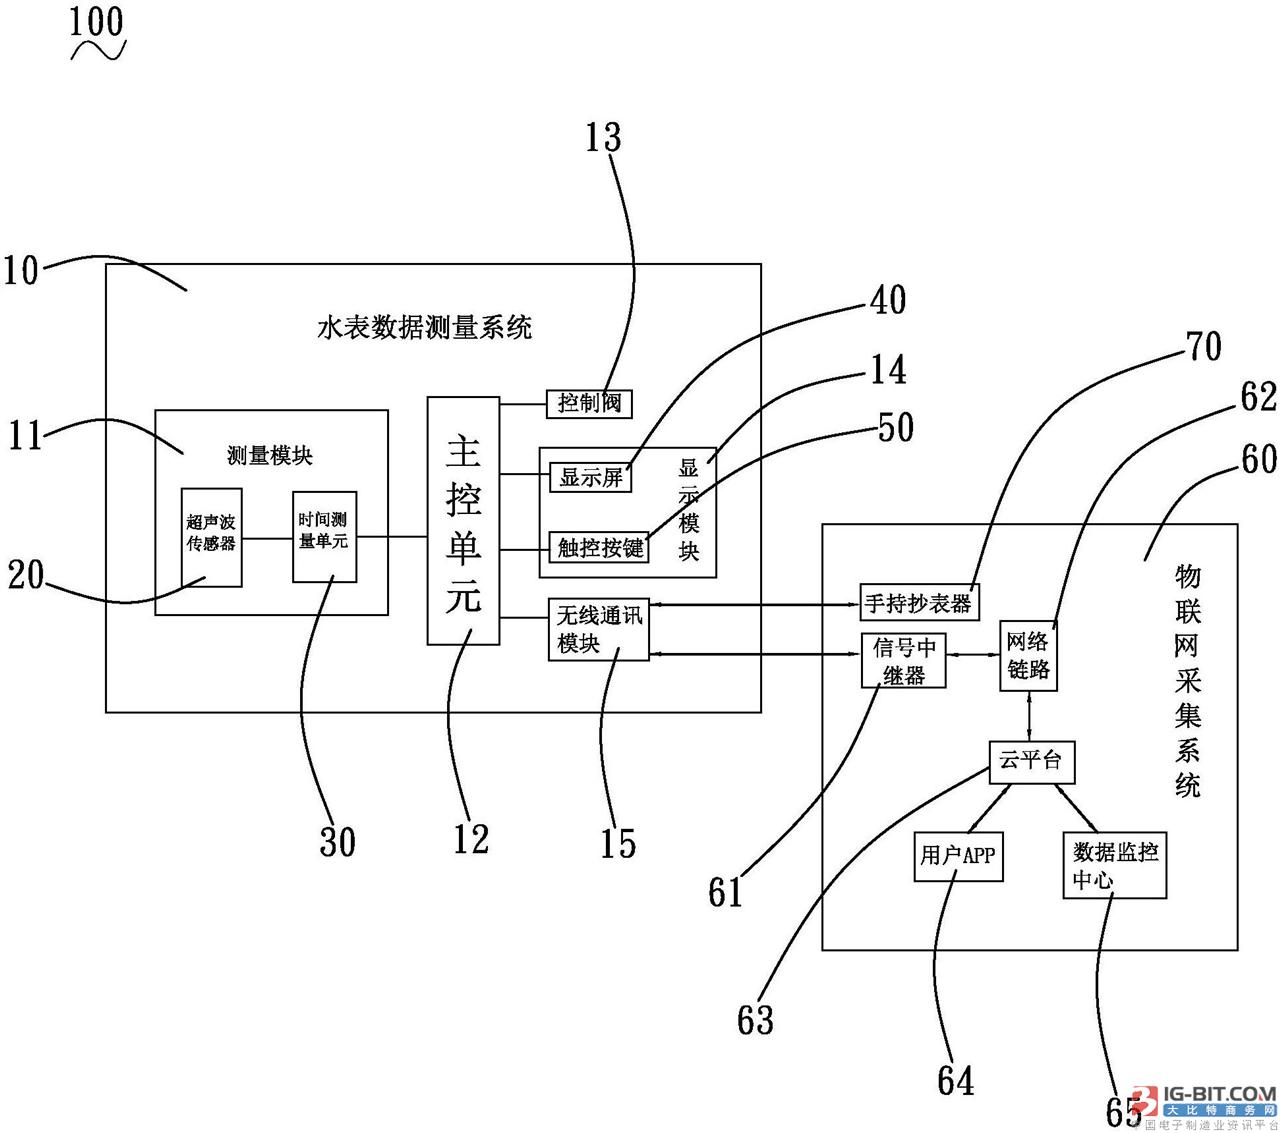 【仪表专利】基于物联网的超声波智能水表